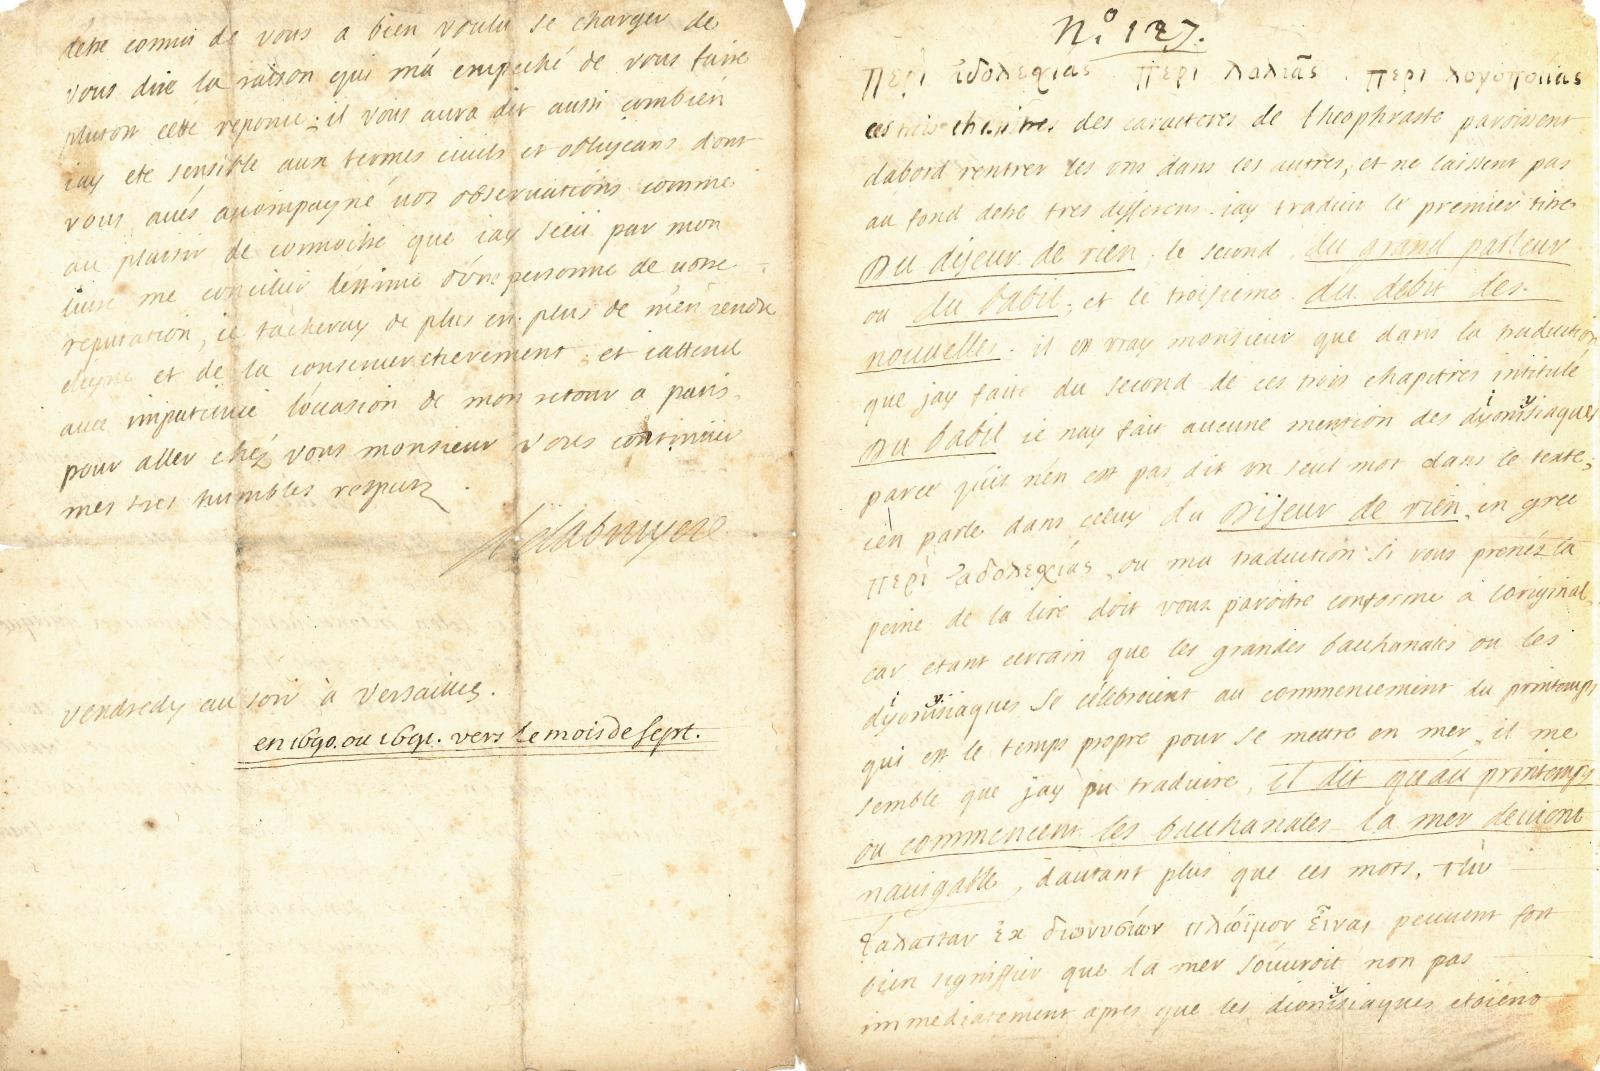 Jean de La Bruyère(1645-1696), lettre autographe, quatre pages, septembre 1690 ou 1691, adressée à Gilles Ménage. Adjugé: 52000€